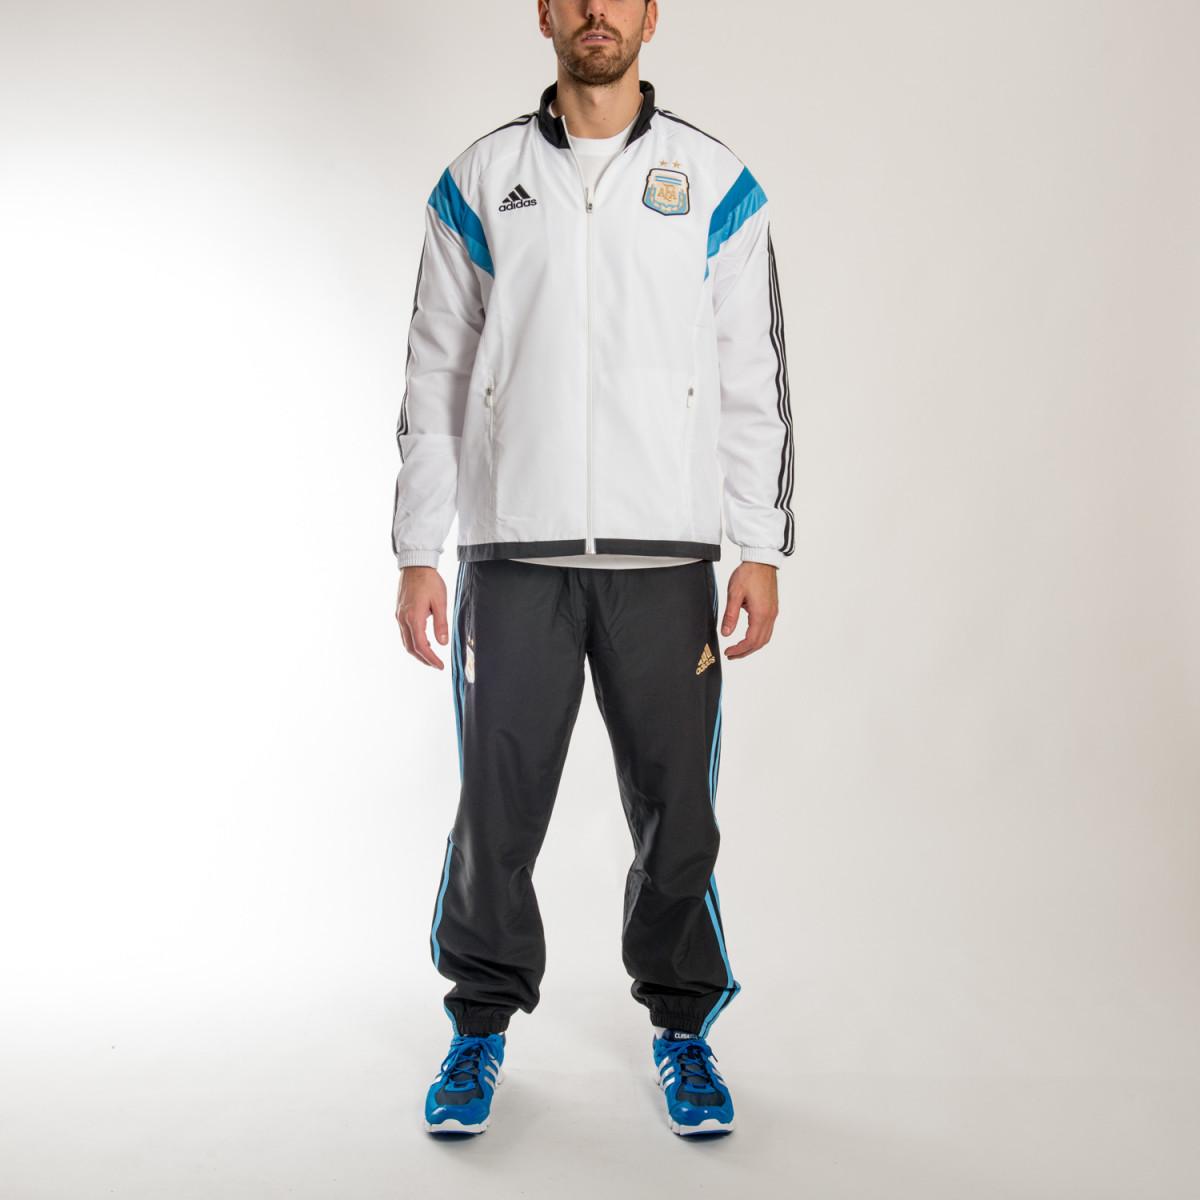 1fb4a0413 Conjunto Adidas Argentina Pres Suit 2014